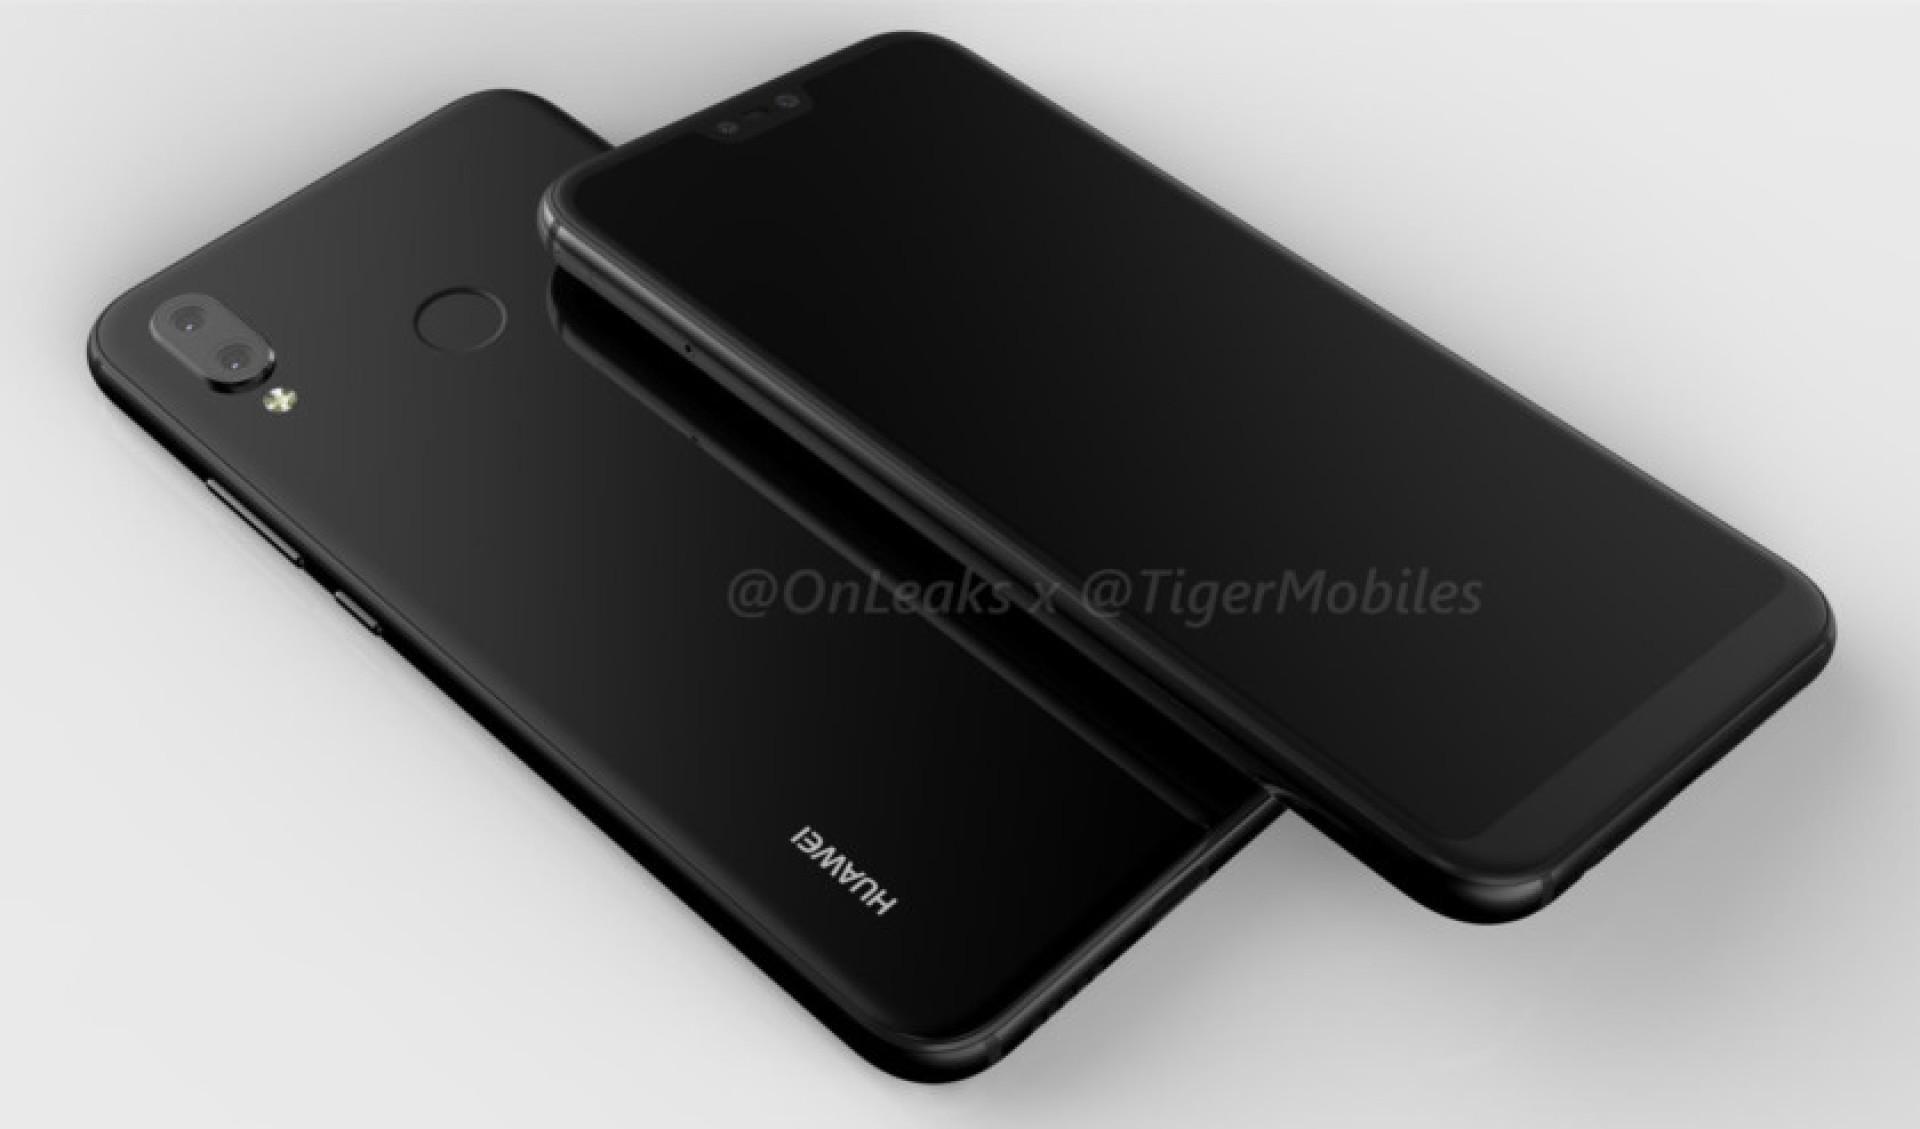 Serão estas imagens de um dos novos smartphones da Huawei?